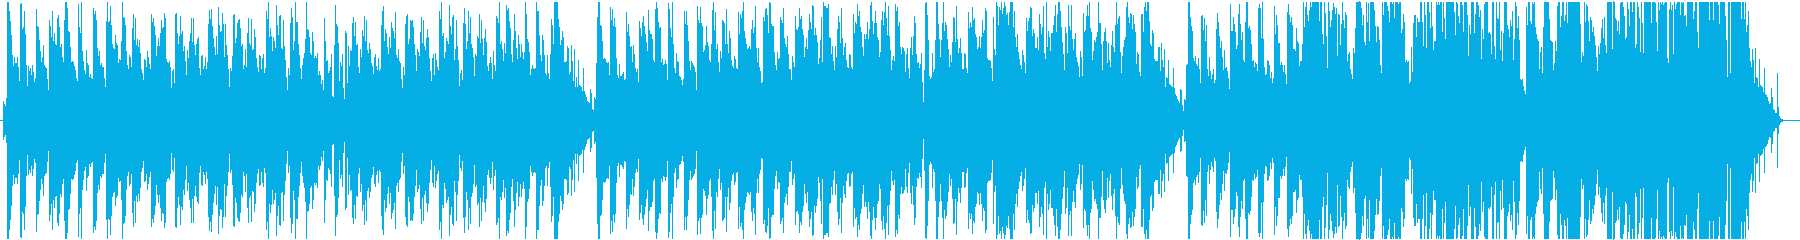 ジャジーでお洒落なR&B系ヒップホップの再生済みの波形